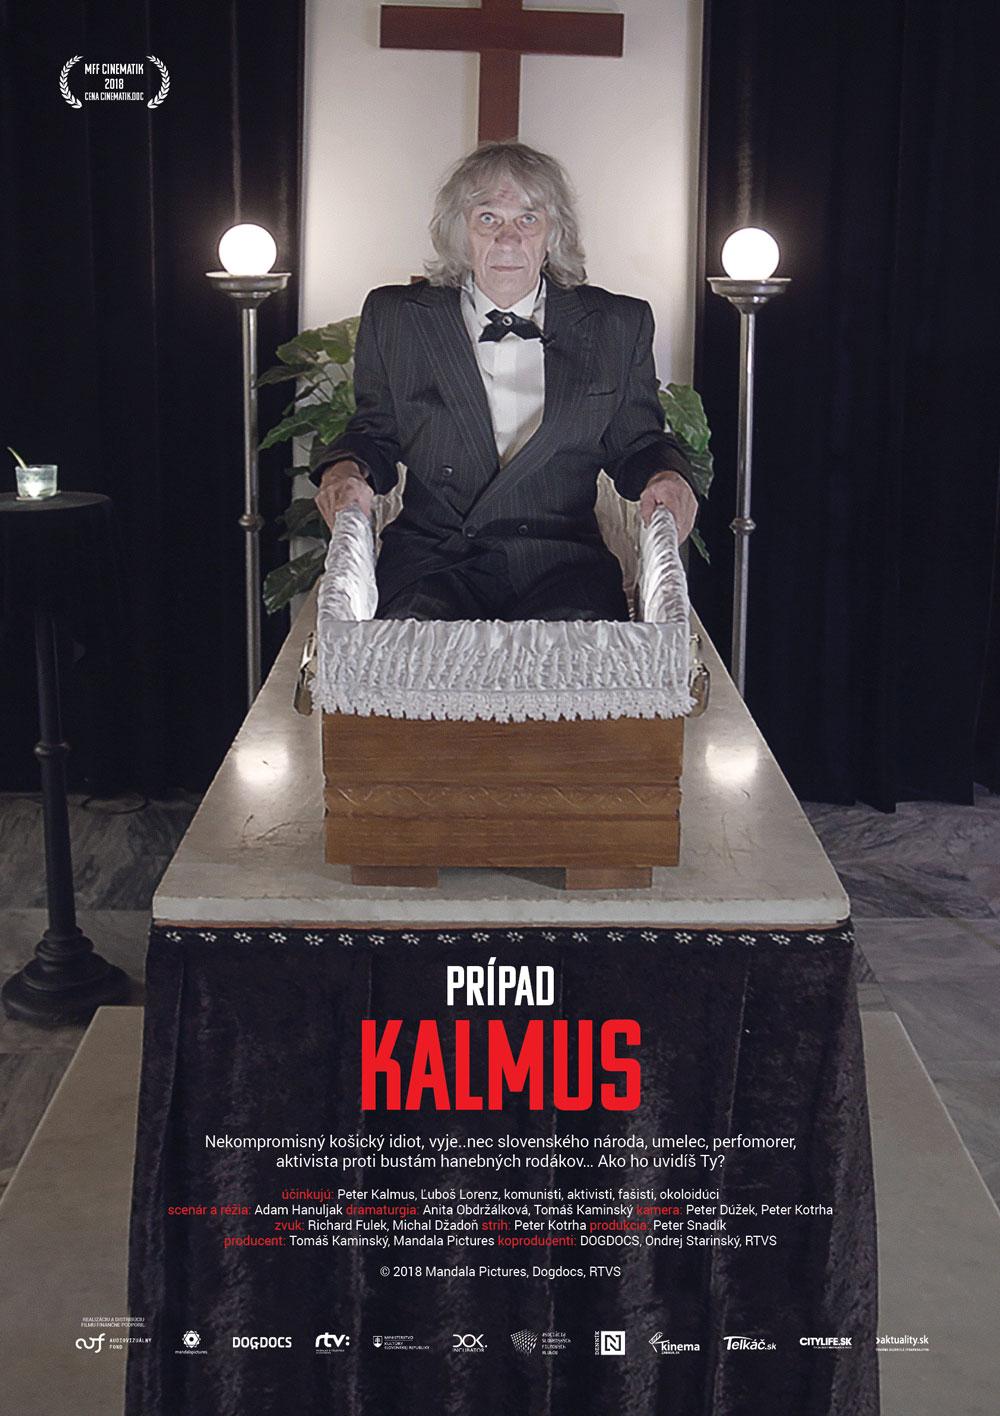 V kinách je dokument o kontroverznom Petrovi Kalmusovi